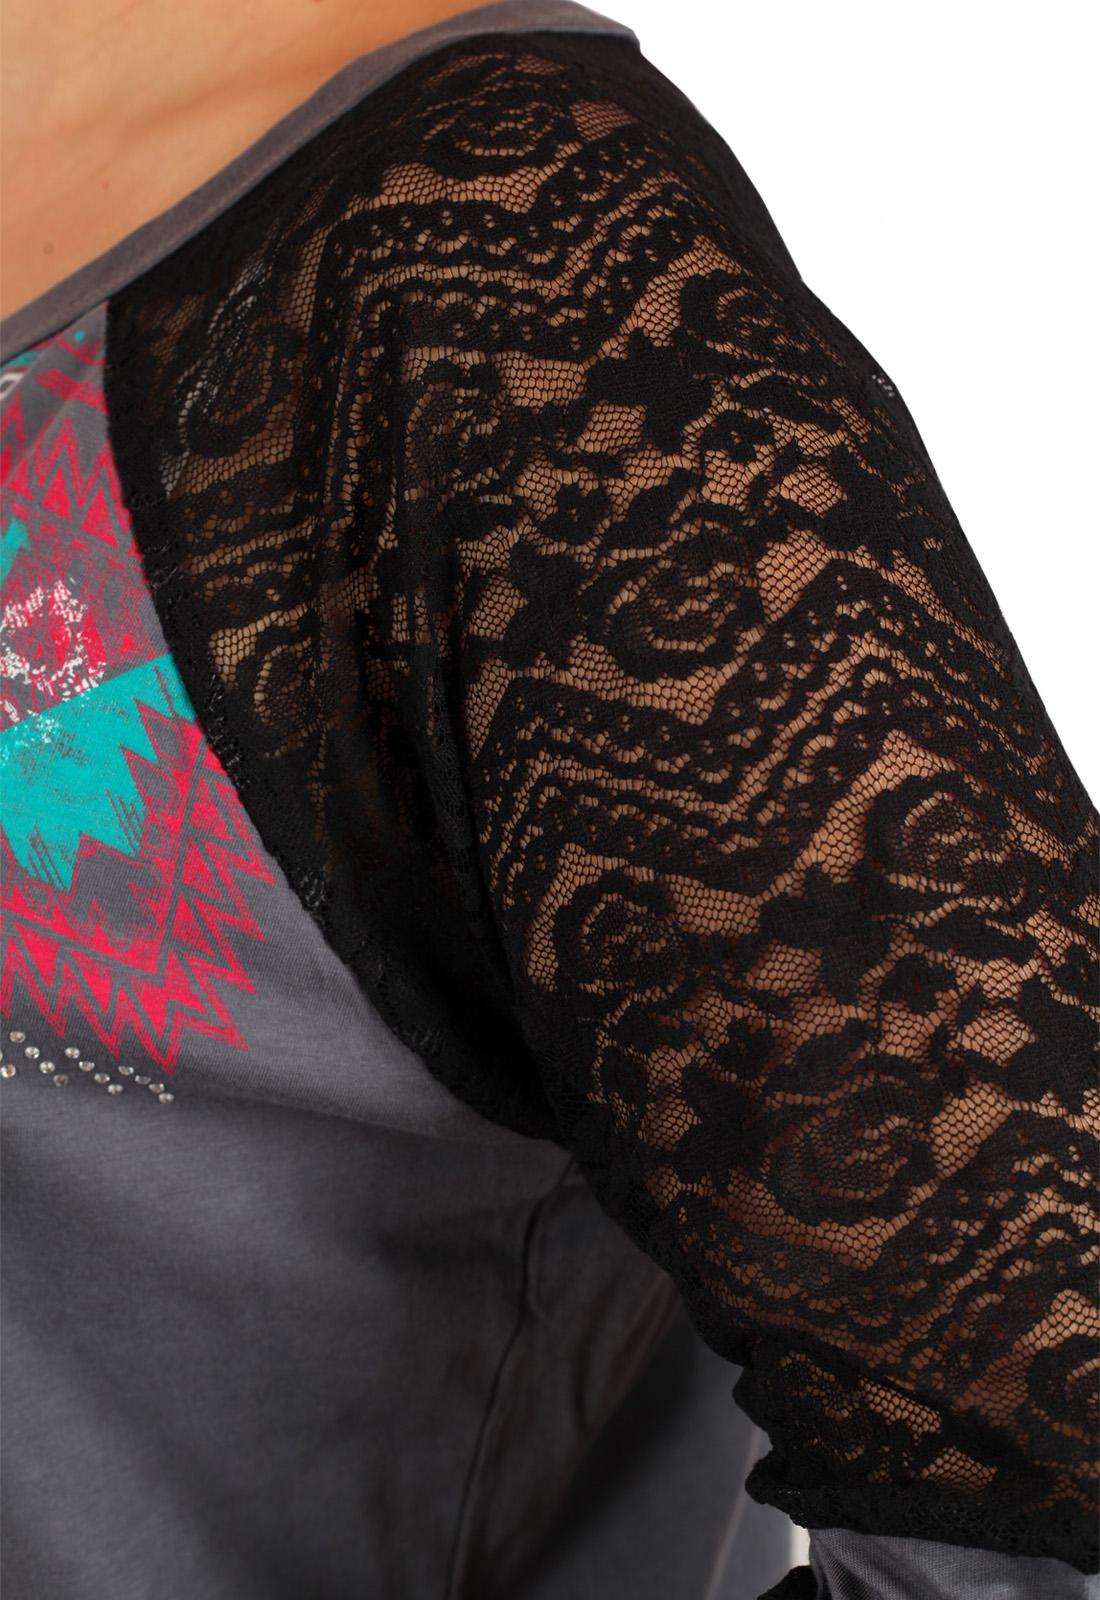 Эффектная туника с полупрозрачными плечами и геометрическим орнаментом. Новая модель в брендовом каталоге Rock and Roll